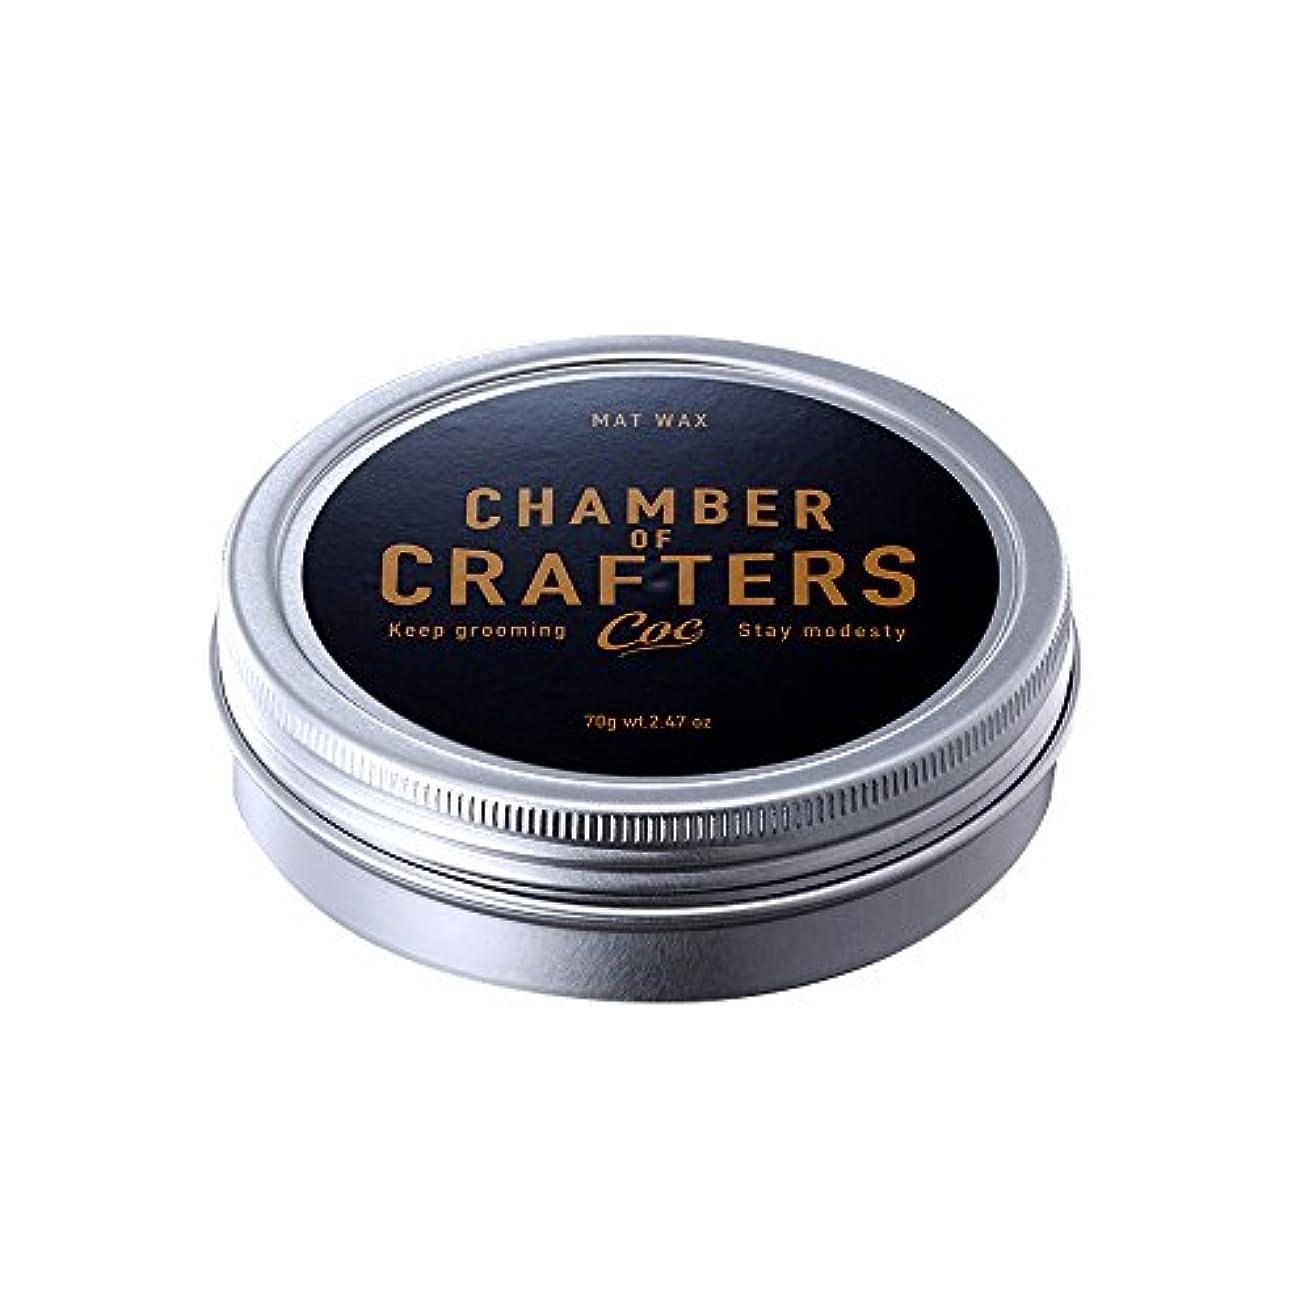 導入するインゲンつまらないCHAMBER OF CRAFTERS チェンバーオブクラフターズ マットワックス 70g シトラスグリーンの香り